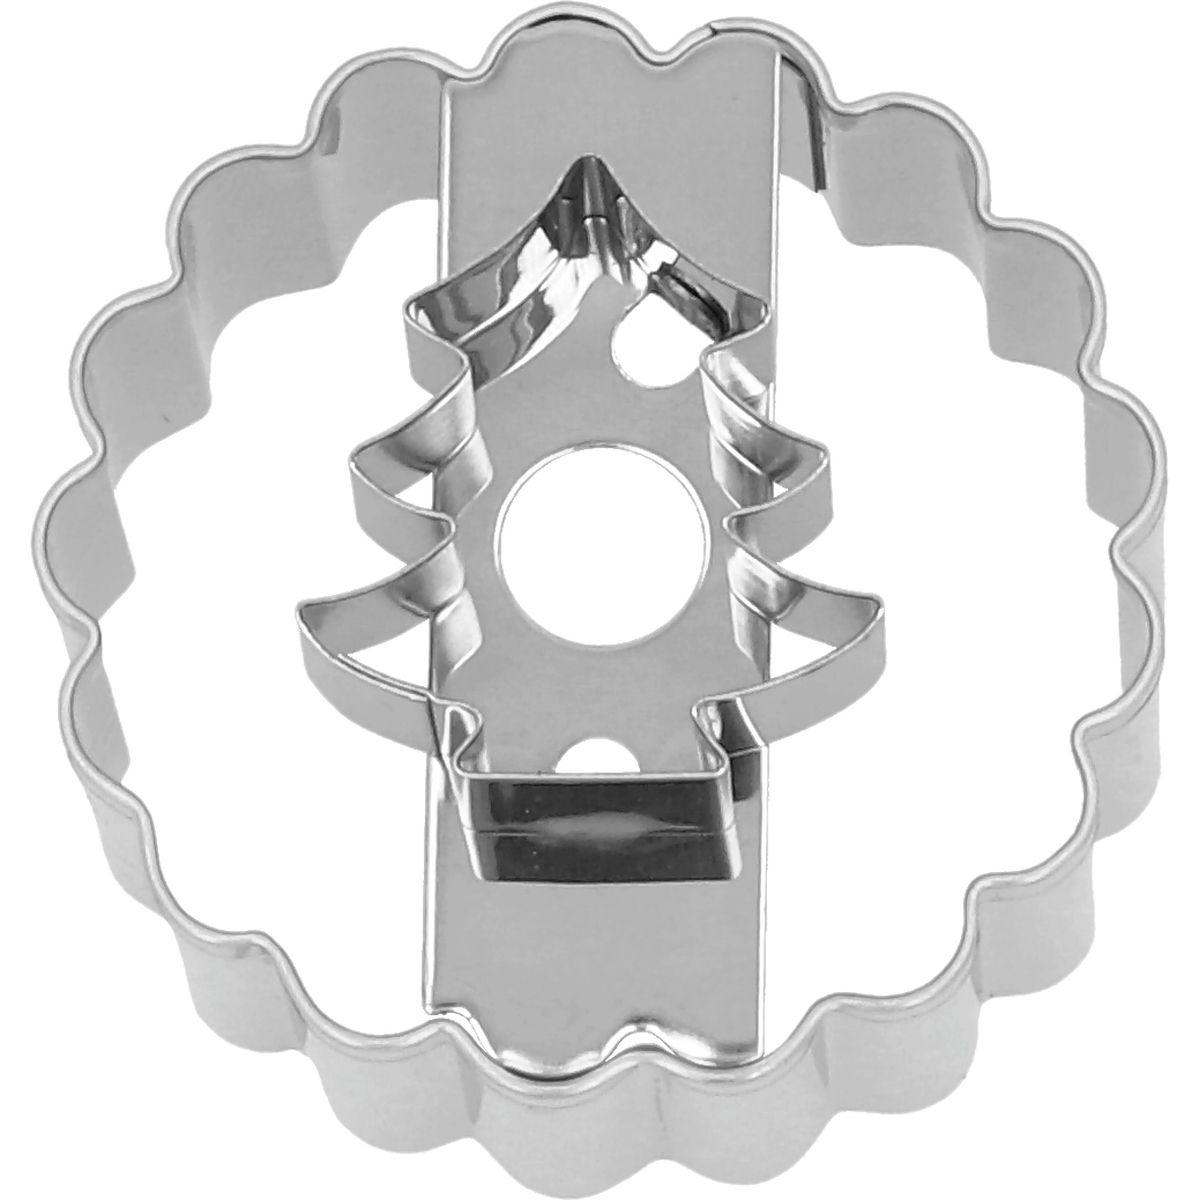 Emporte-pièce en inox pour sablé à la confiture Linzer sapin 5 cm - Birkmann